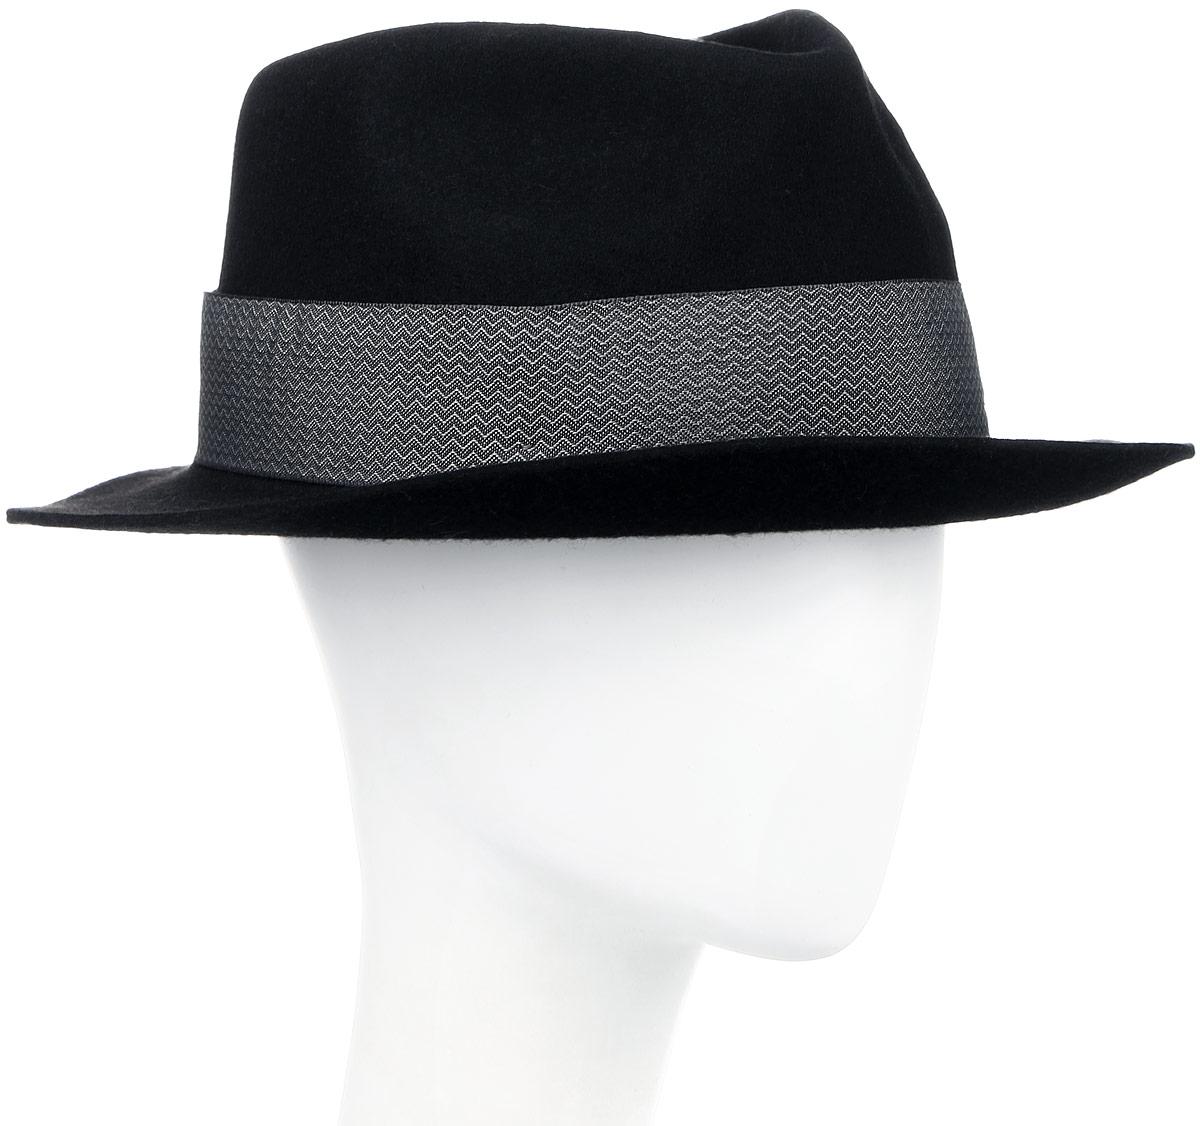 Шляпа Goorin Brothers, цвет: черный. 600-9305. Размер L (59)600-9305Элегантная шляпа Goorin Brothers, выполненная из высококачественной натуральной шерсти, дополнит любой образ. Модель с невысокой вертикальной тульей с продольным заломом и загнутыми вверх полями, которые можно изгибать по желанию. Шляпа-федора оформлена узорчатой лентой с перетяжкой, которая обозначена маленьким логотипом Goorin Bros. Внутри модель дополнена плотной тесьмой для комфортной посадки изделия по голове. Аккуратные поля шляпы придадут вашему образу таинственности и шарма. Такая шляпа подчеркнет вашу неповторимость и прекрасный вкус.